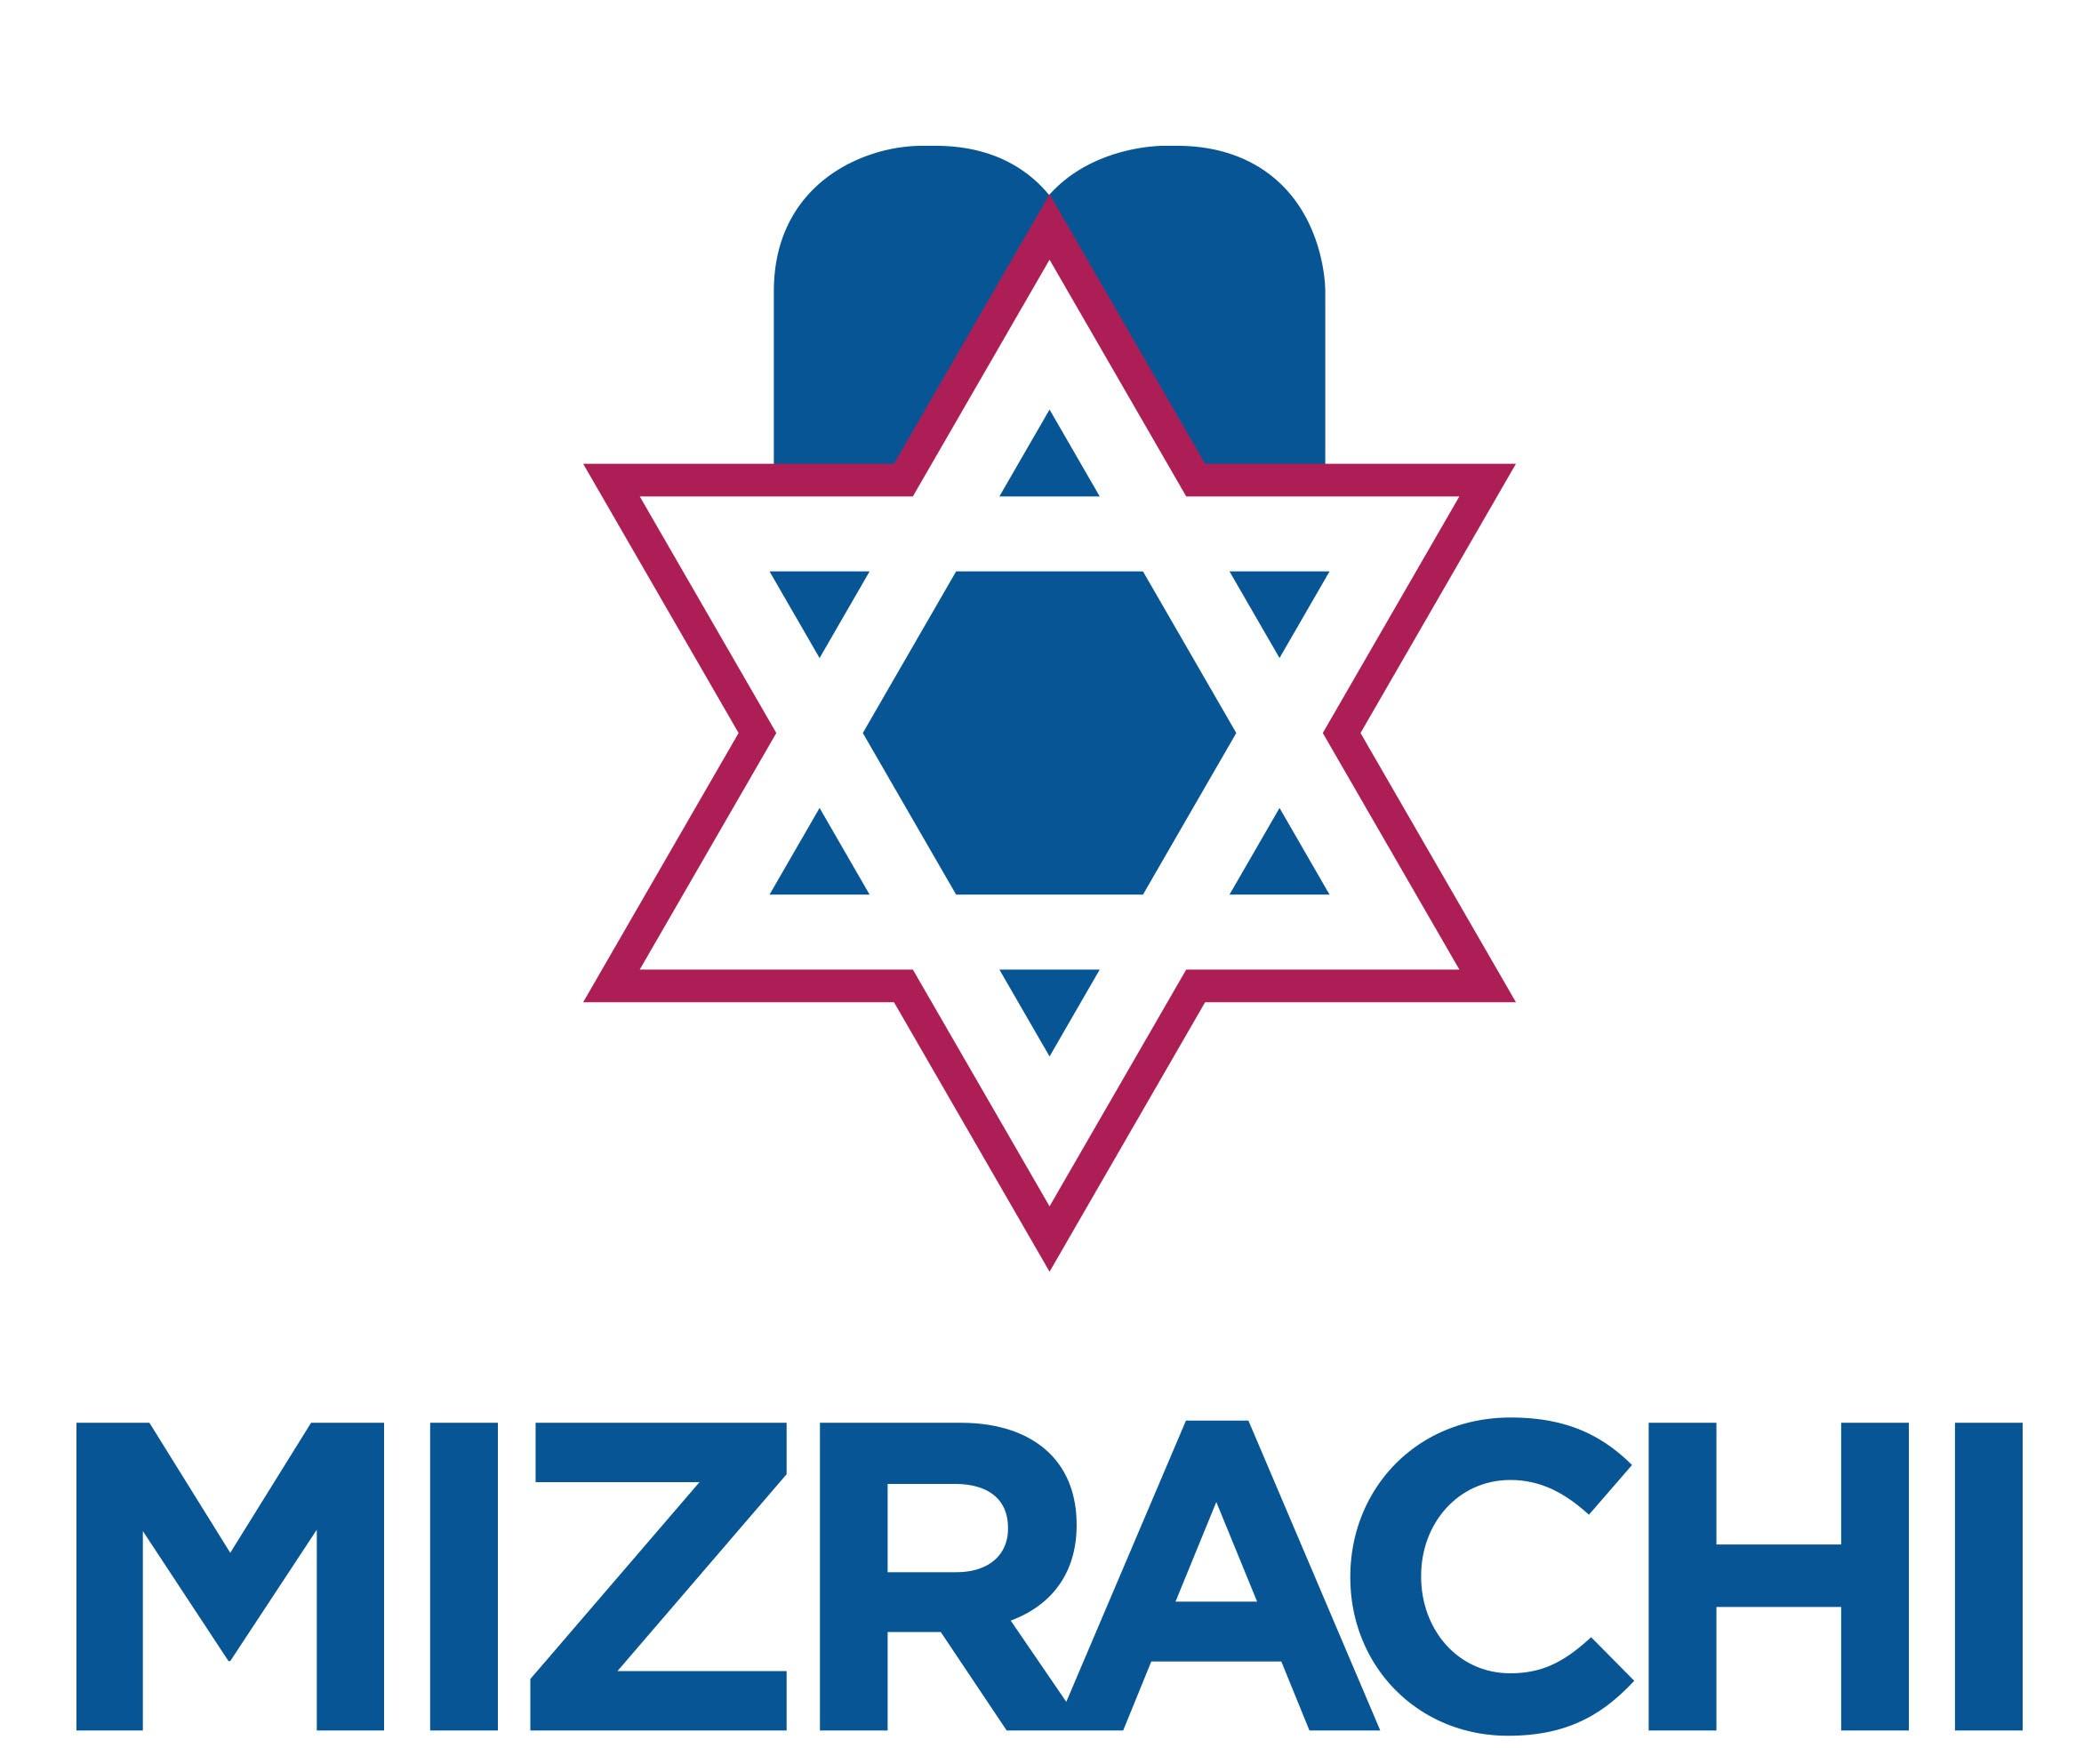 Mizrachi General.jpg